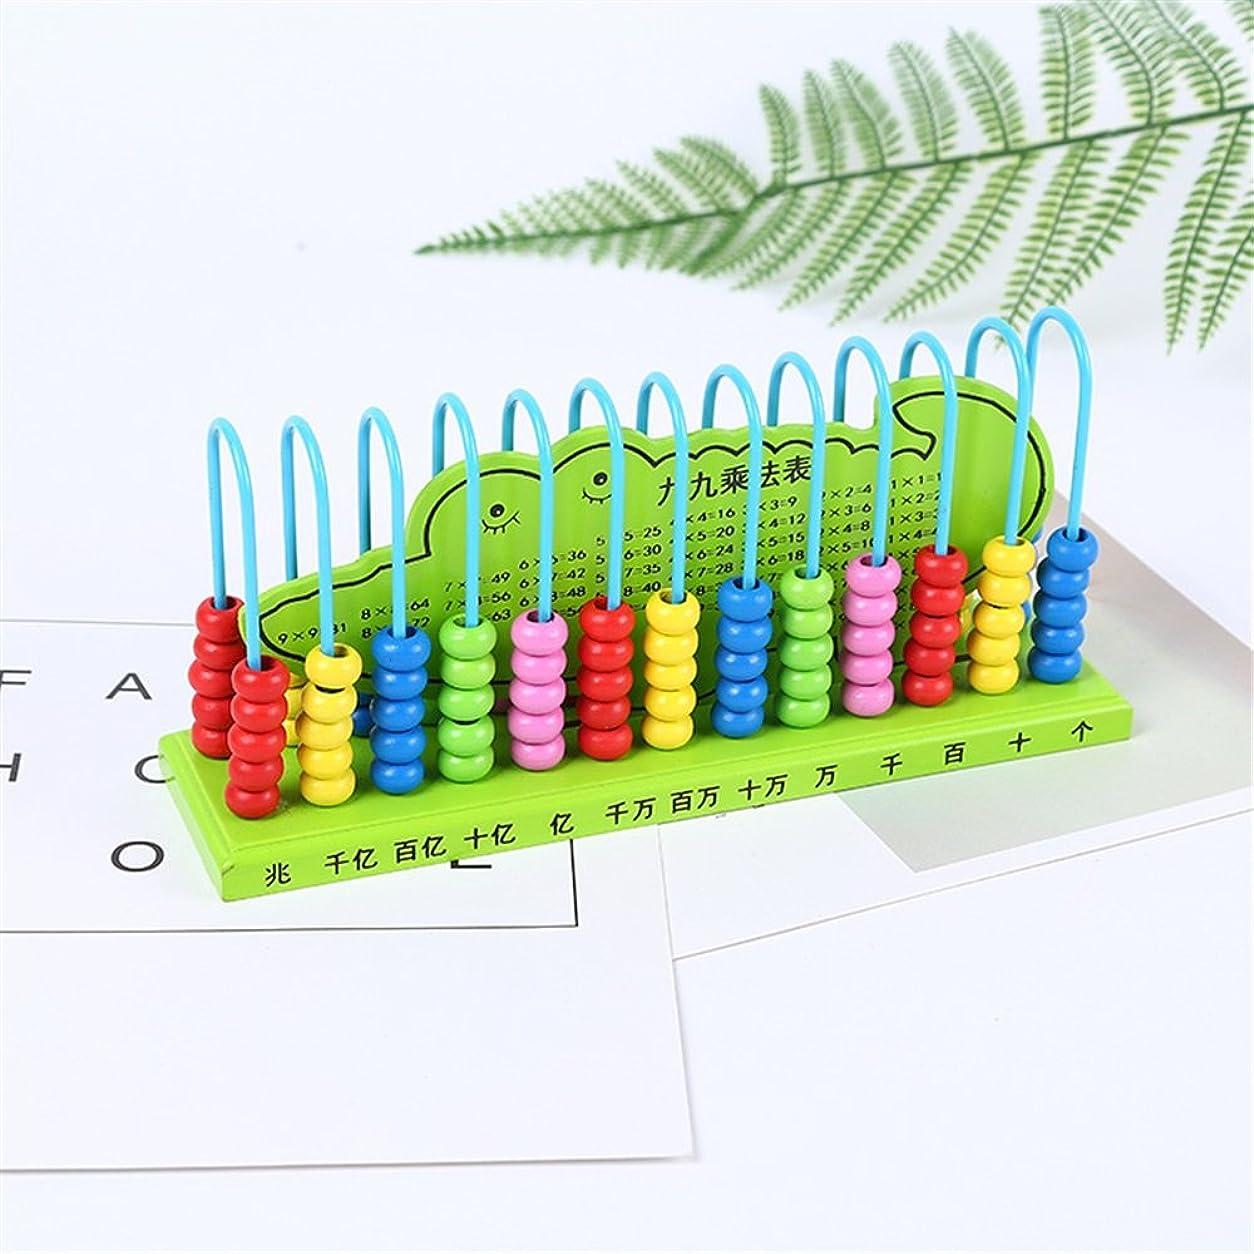 データロッジ疲れた定番計算機 子どもの抽象活動 幼稚園 13ヤード 10ビーズ 数学計算ラック ランダムカラー